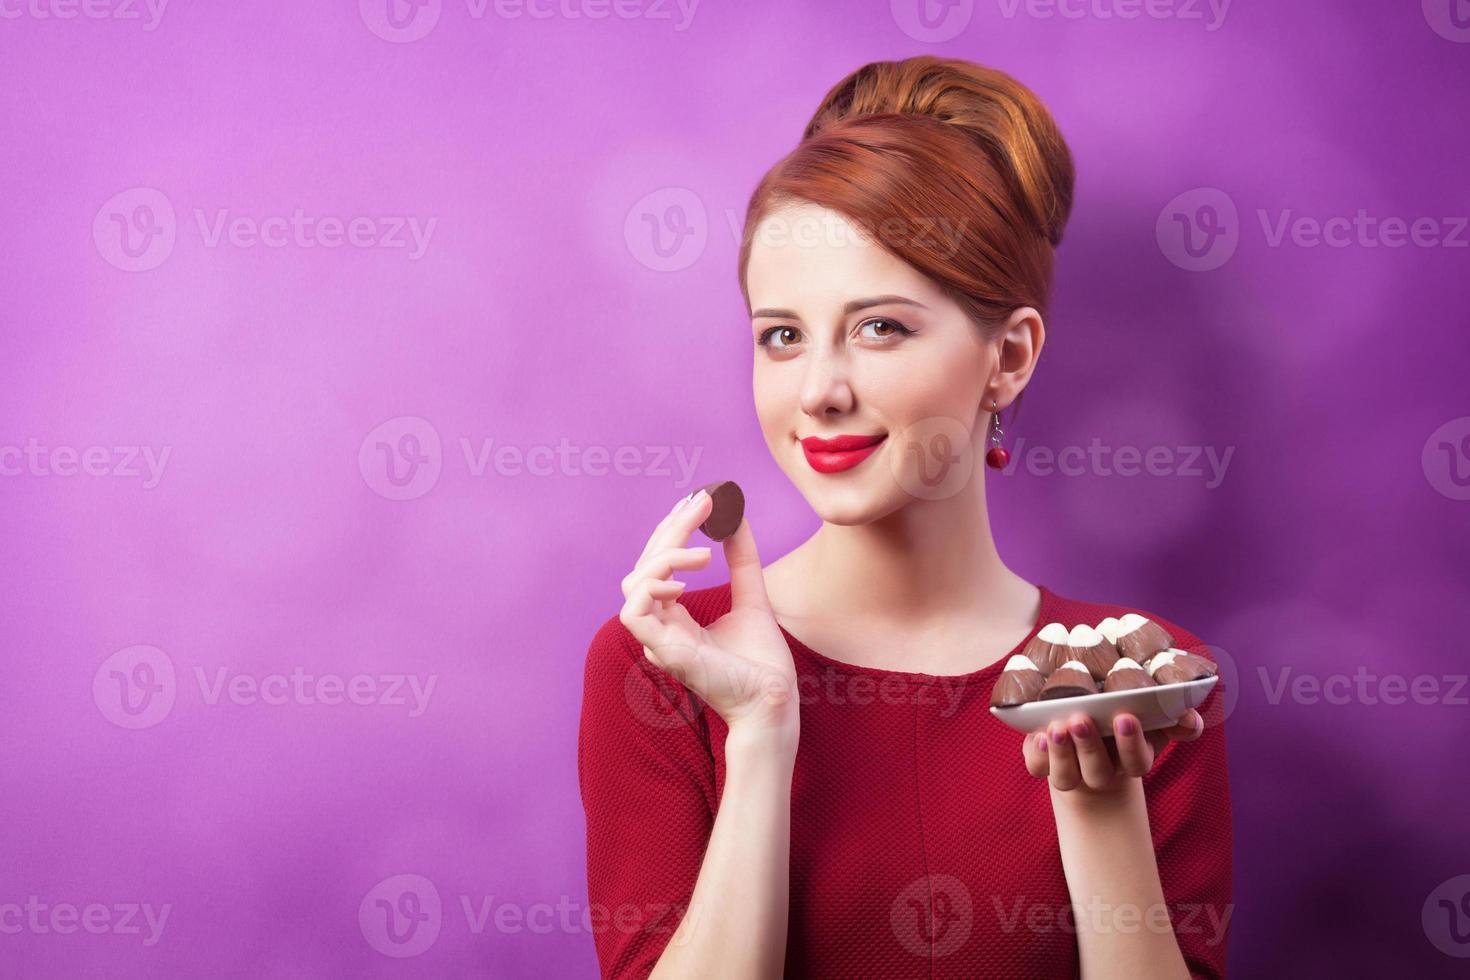 roodharige vrouwen met snoep op violette achtergrond. foto